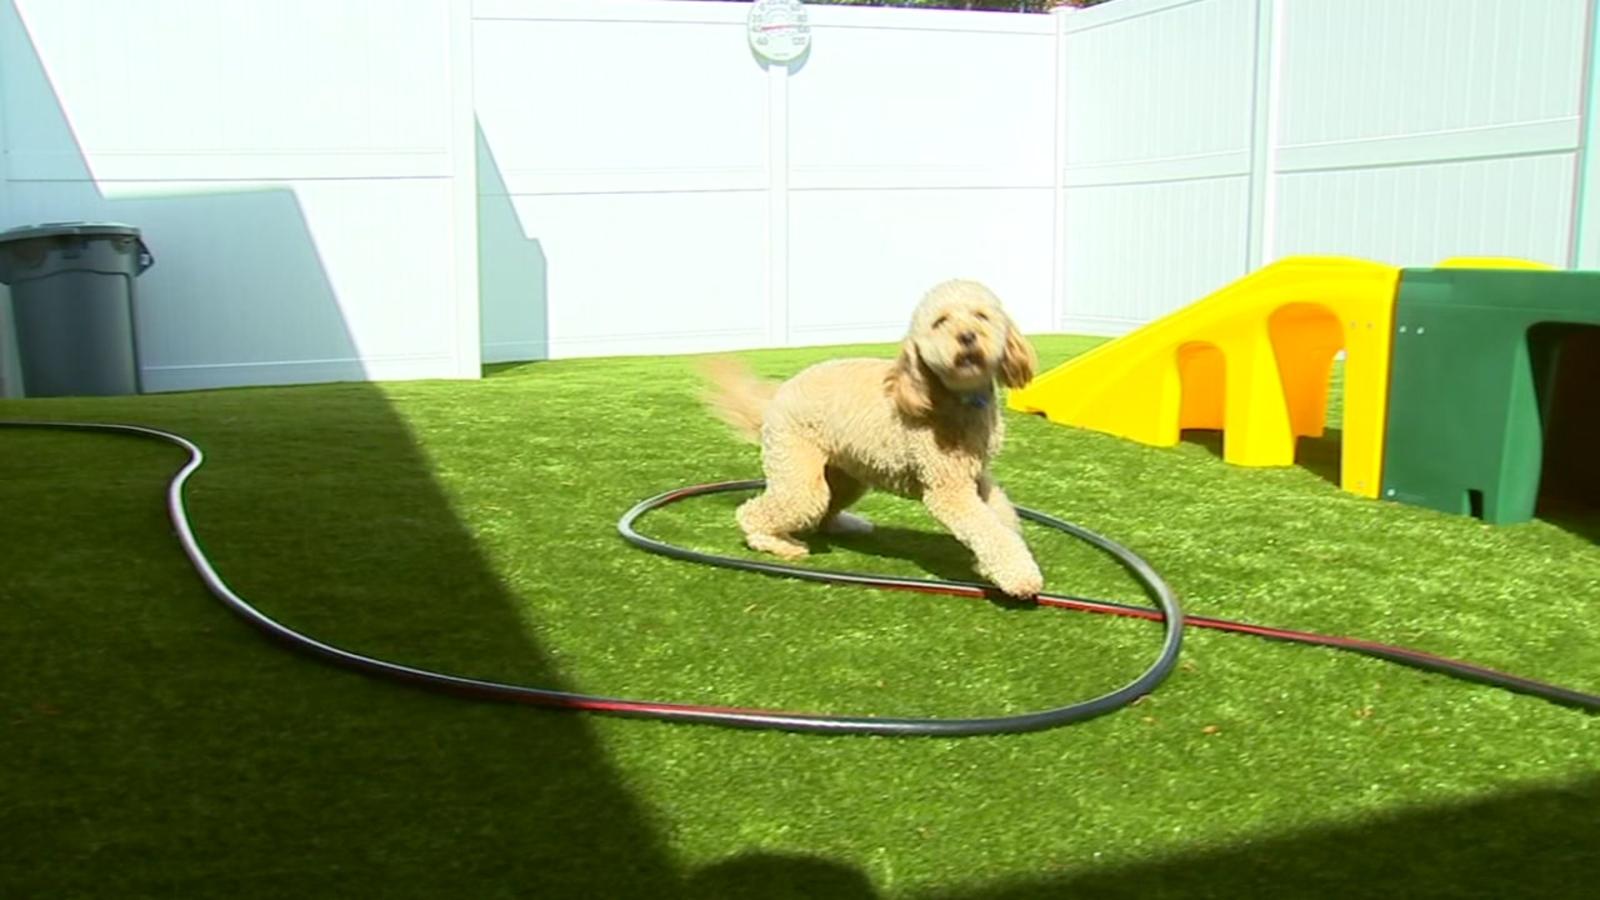 Apex posh pet resort puts dogs in the lap of luxury